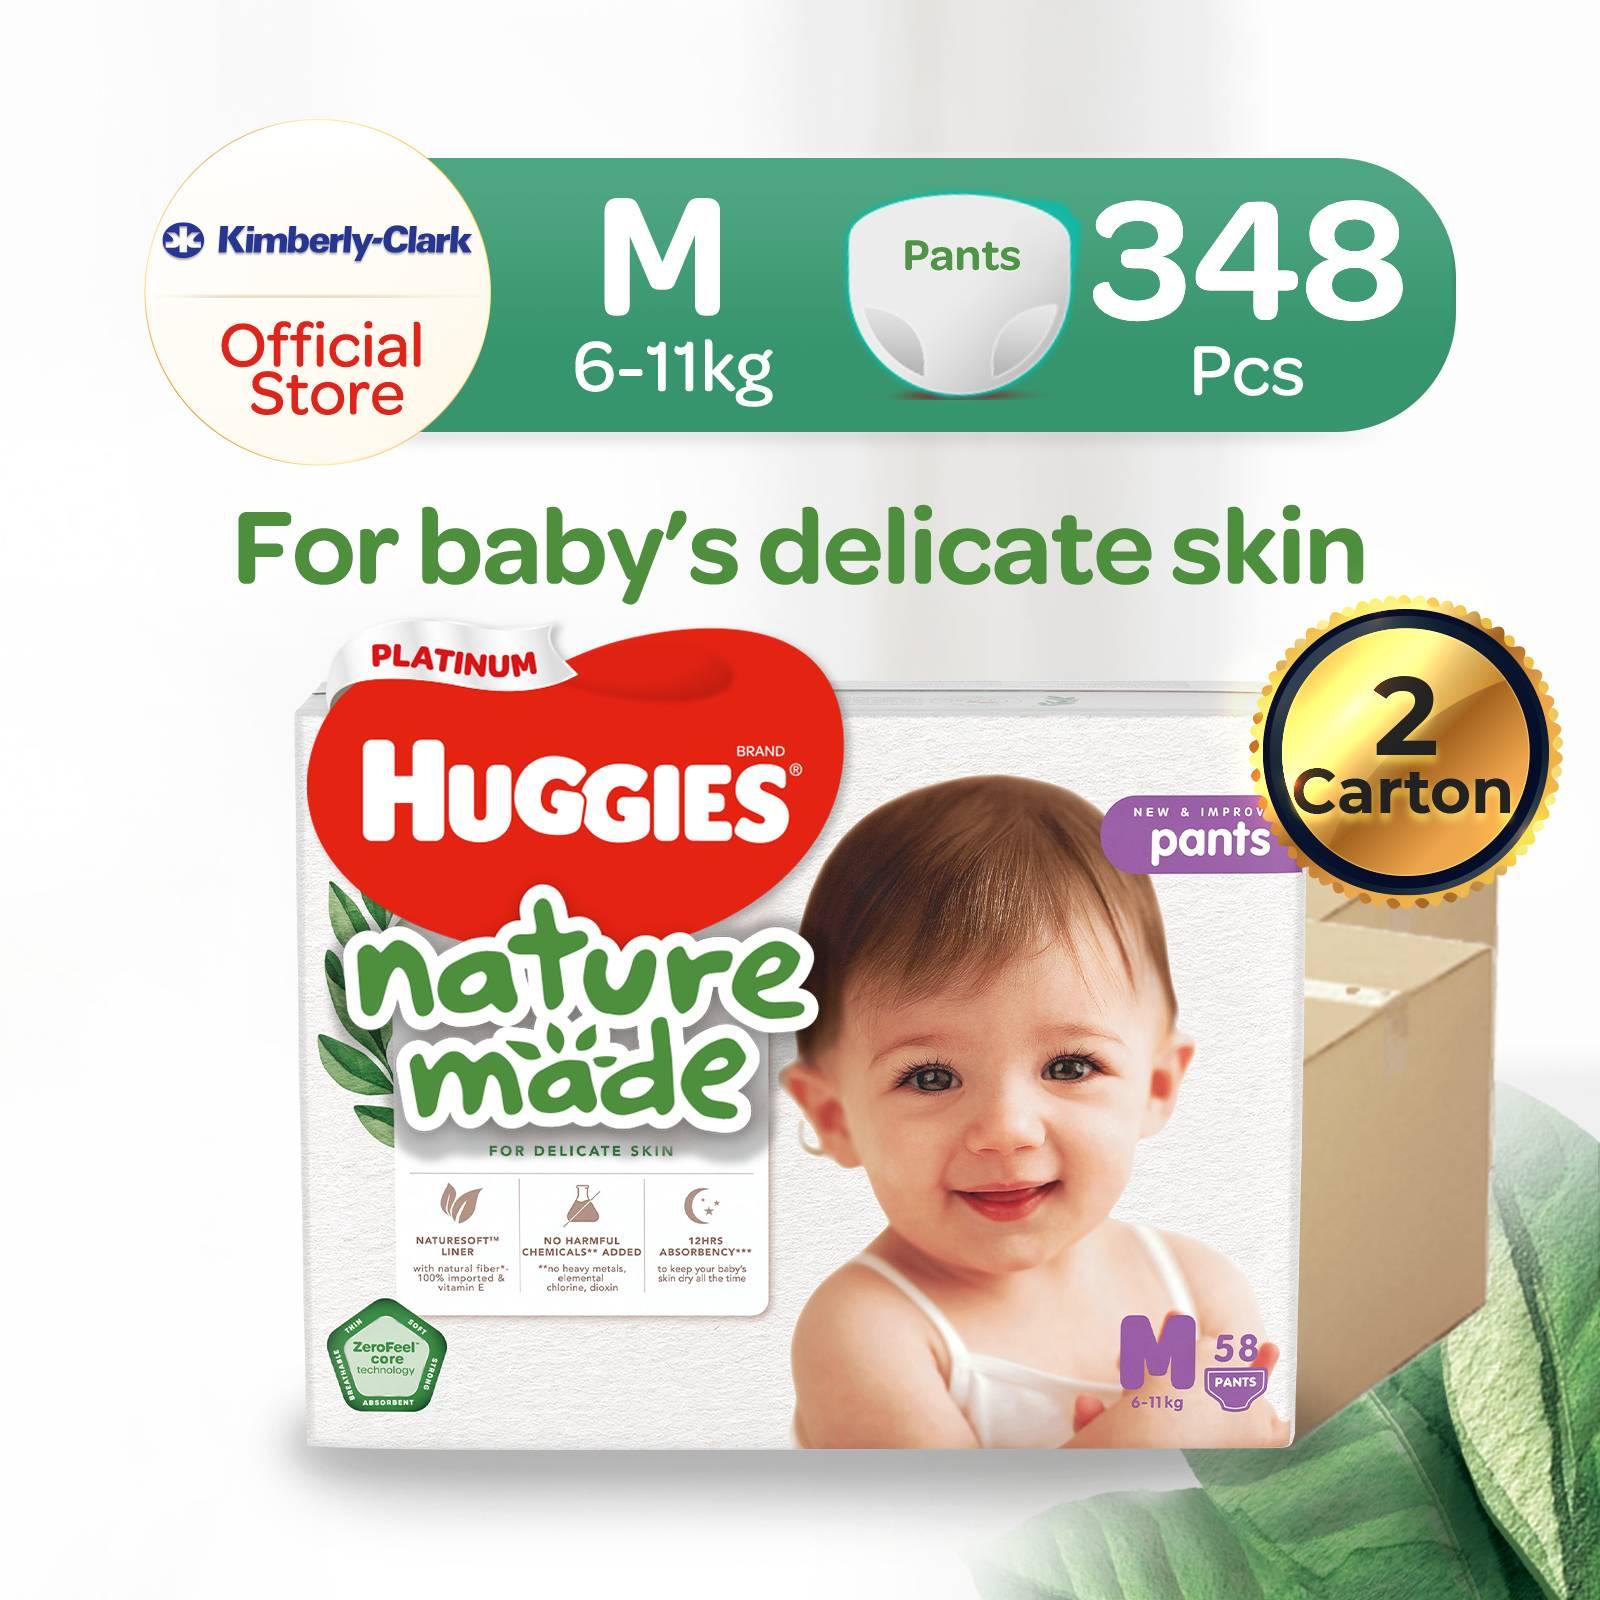 [2 Carton] Huggies Platinum Naturemade Pants M x6 packs 348pcs